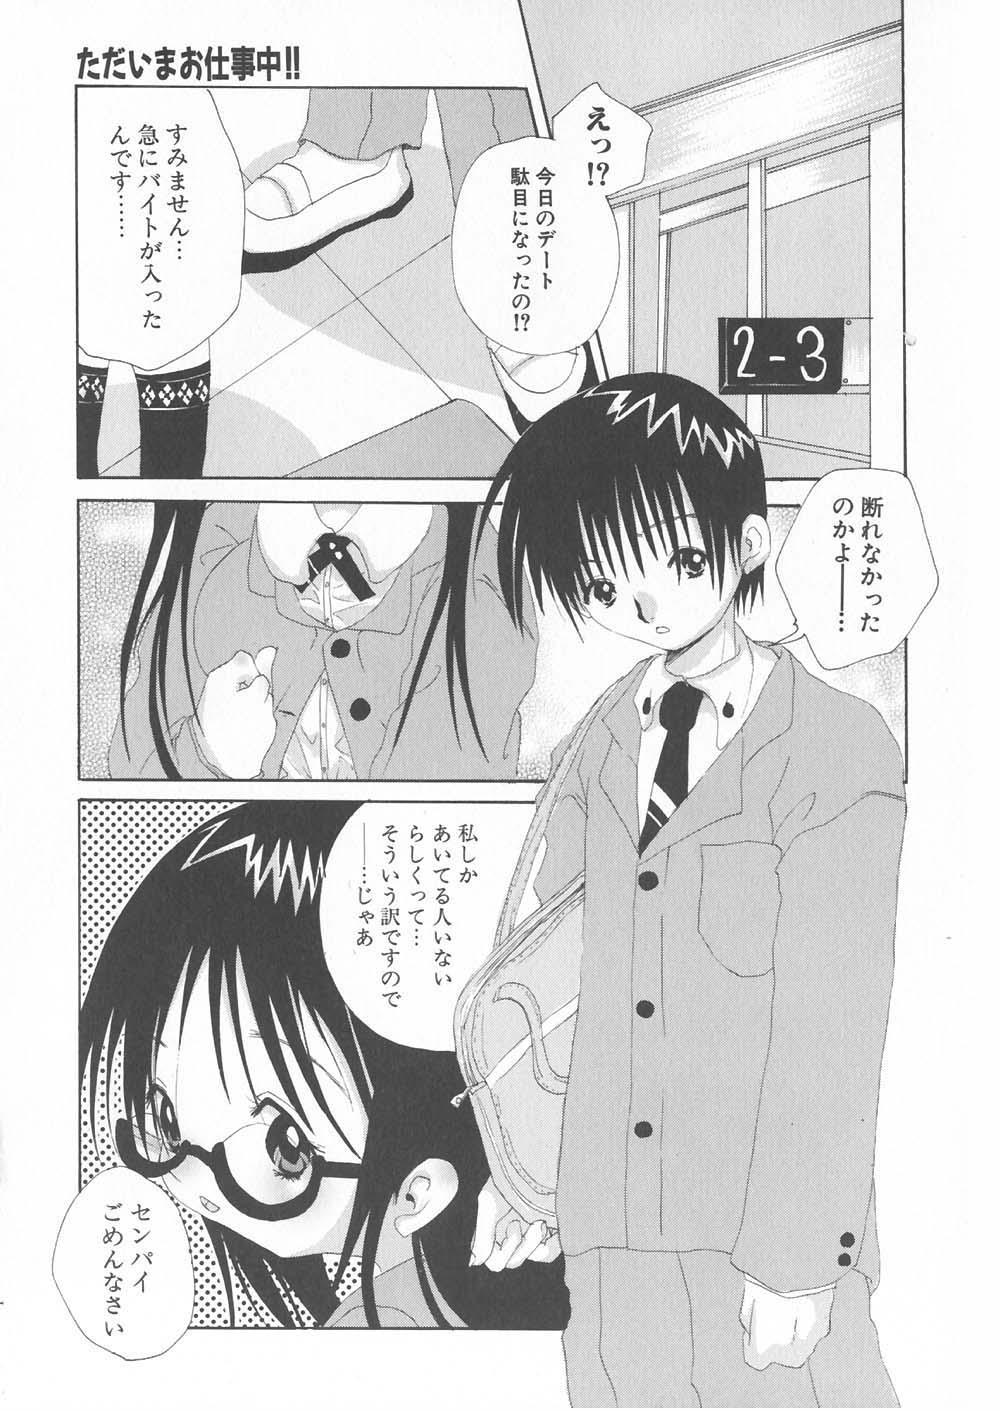 Gochuumon wa Okimari Desuka 38